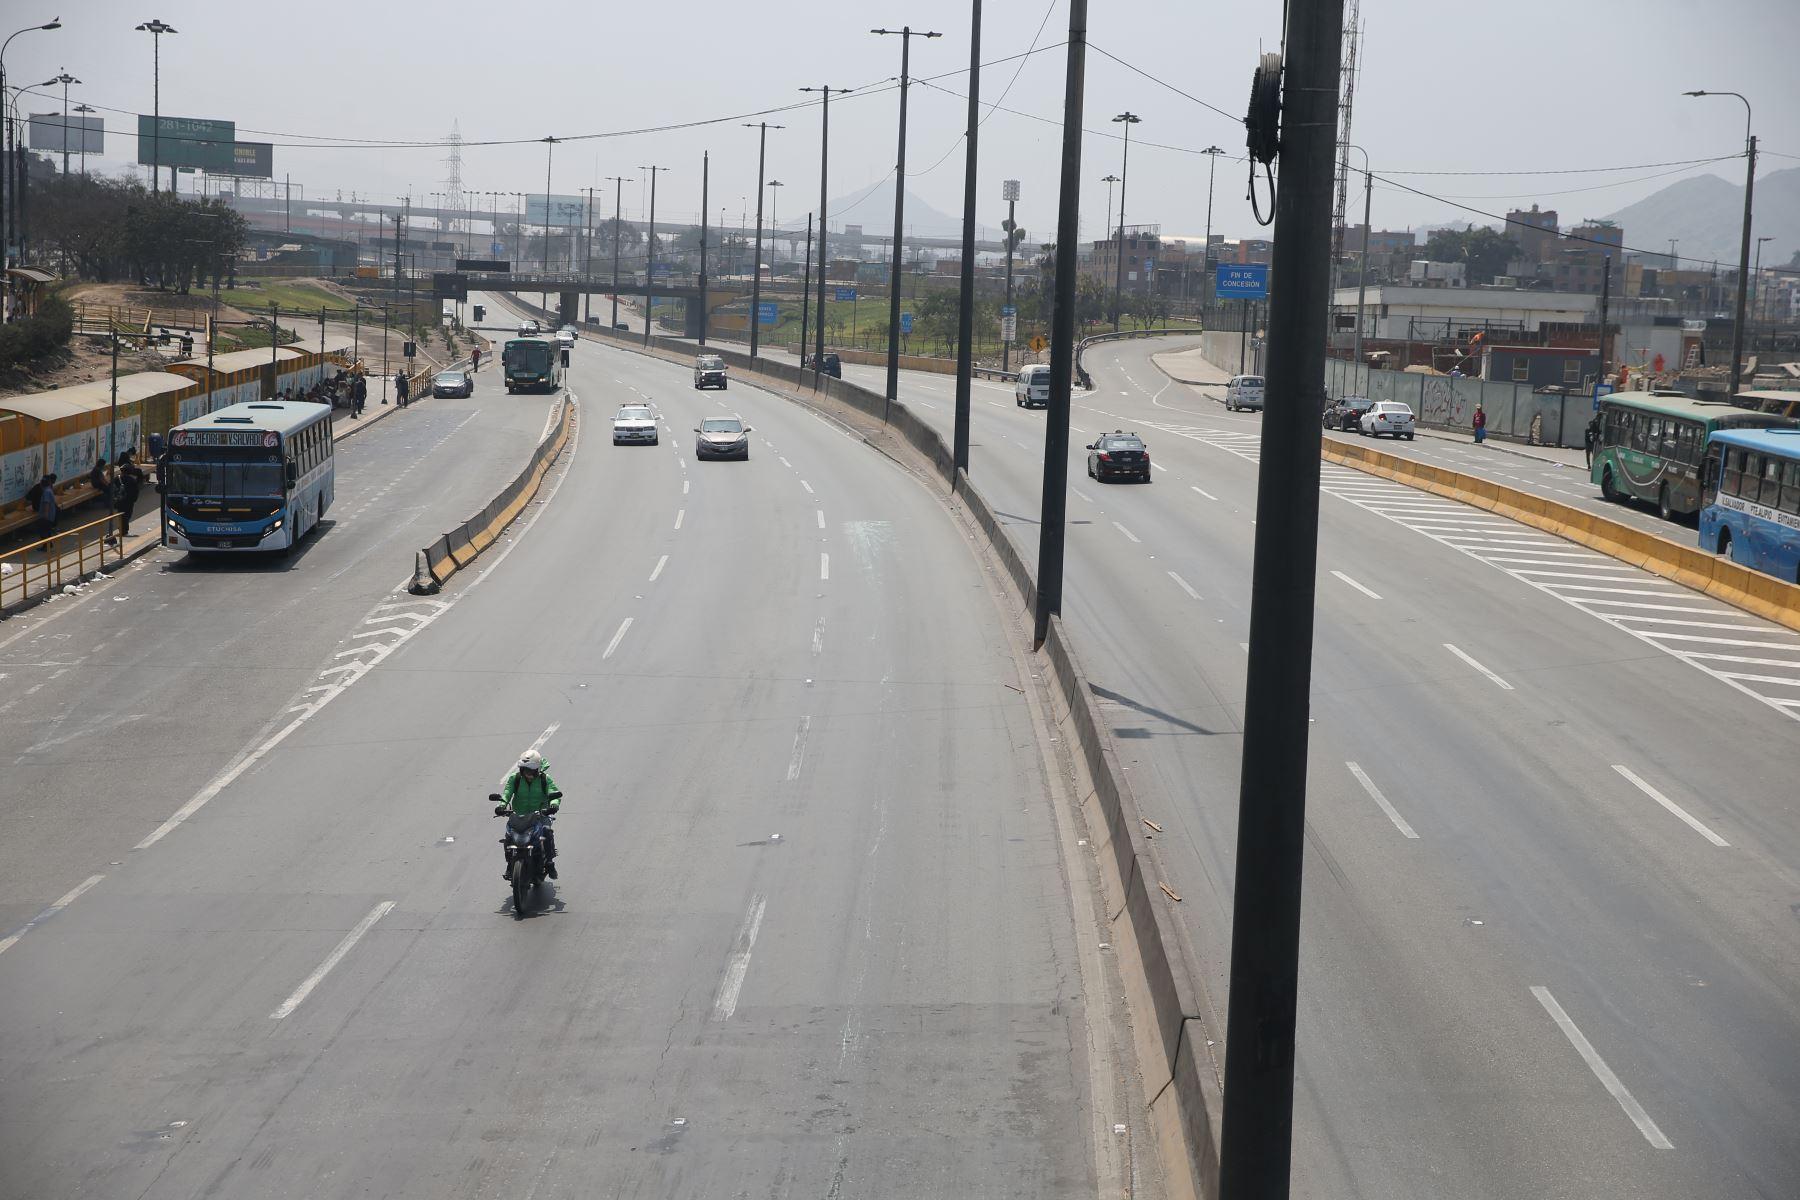 Así se observa la vía evitamiento a la altura de Acho este domingo tras levantamiento de inmovilización social obligatoria. Foto: ANDINA/Jhonel Rodríguez